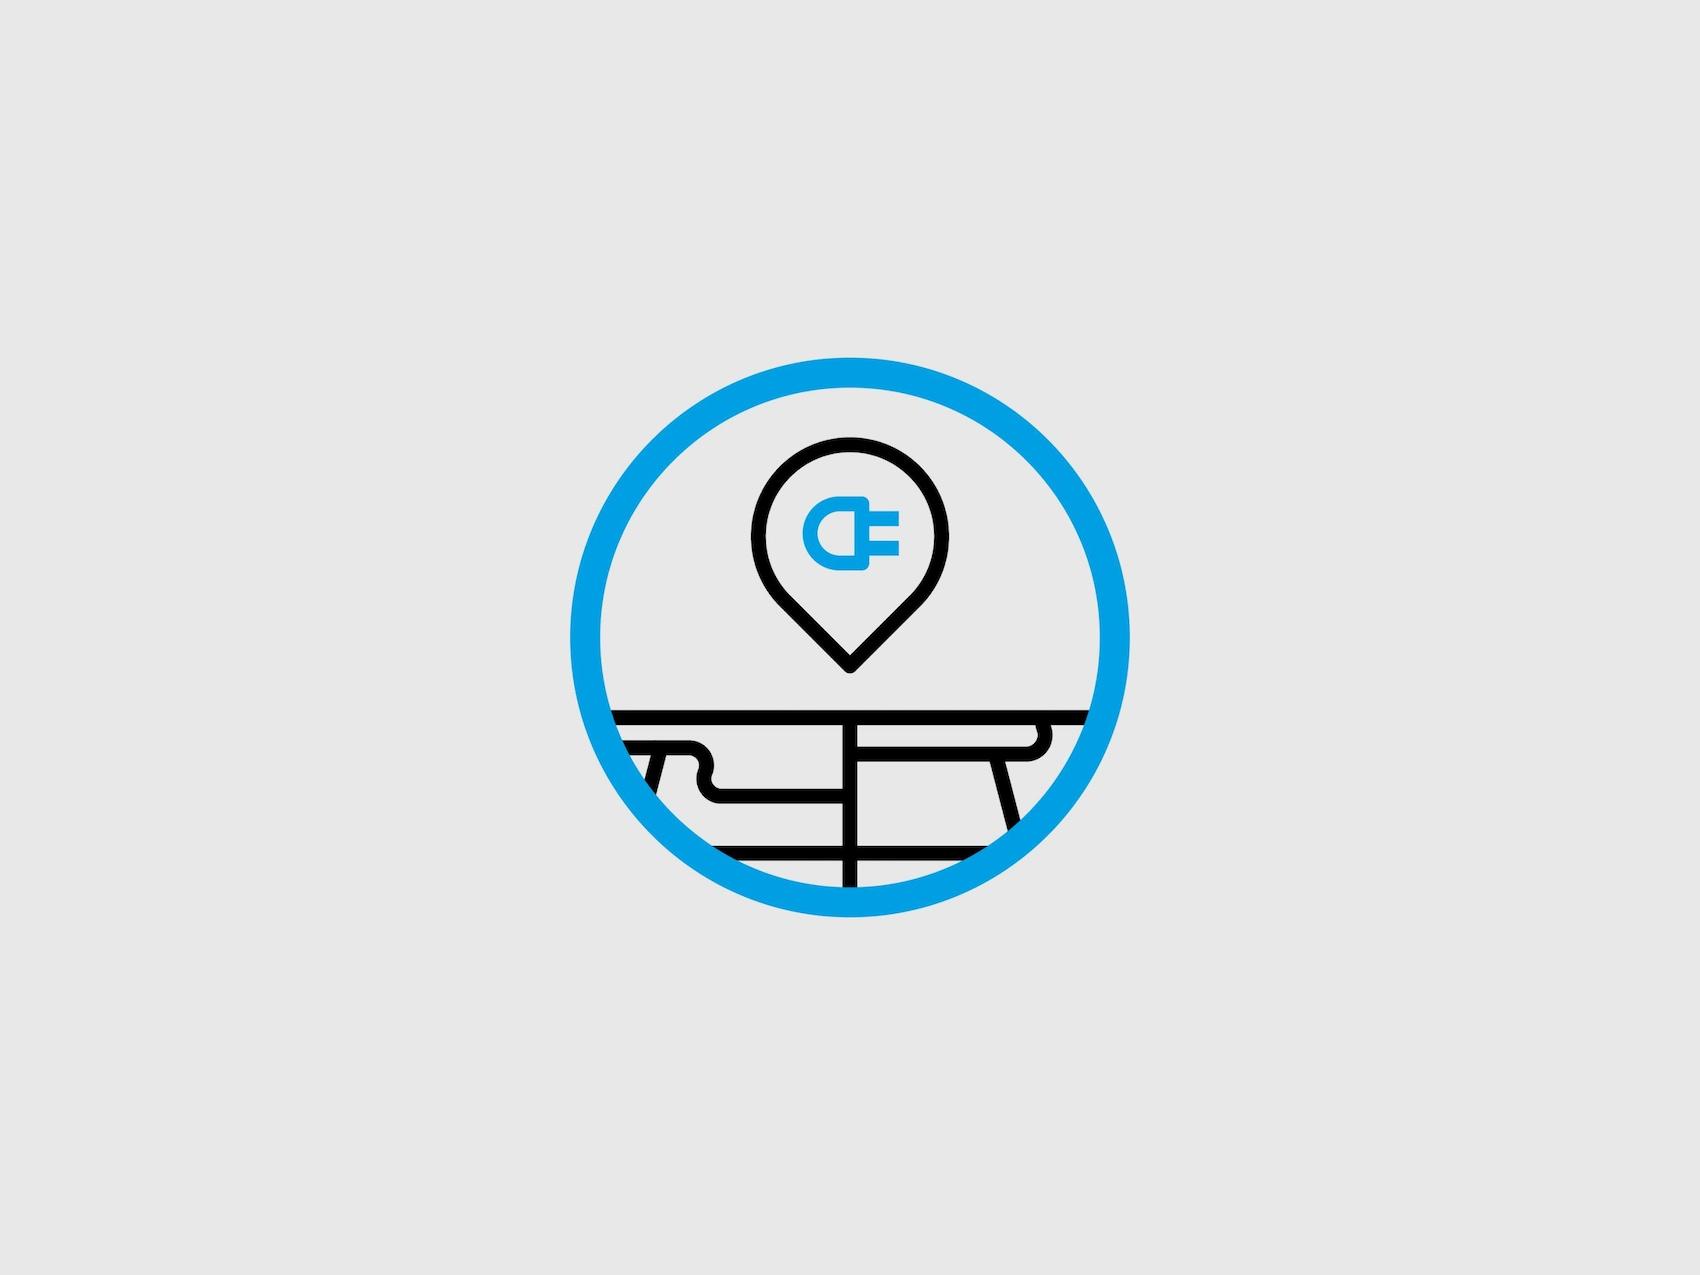 Niebieskie kółko, w którym odwzorowane jest logo Plugsurfing.